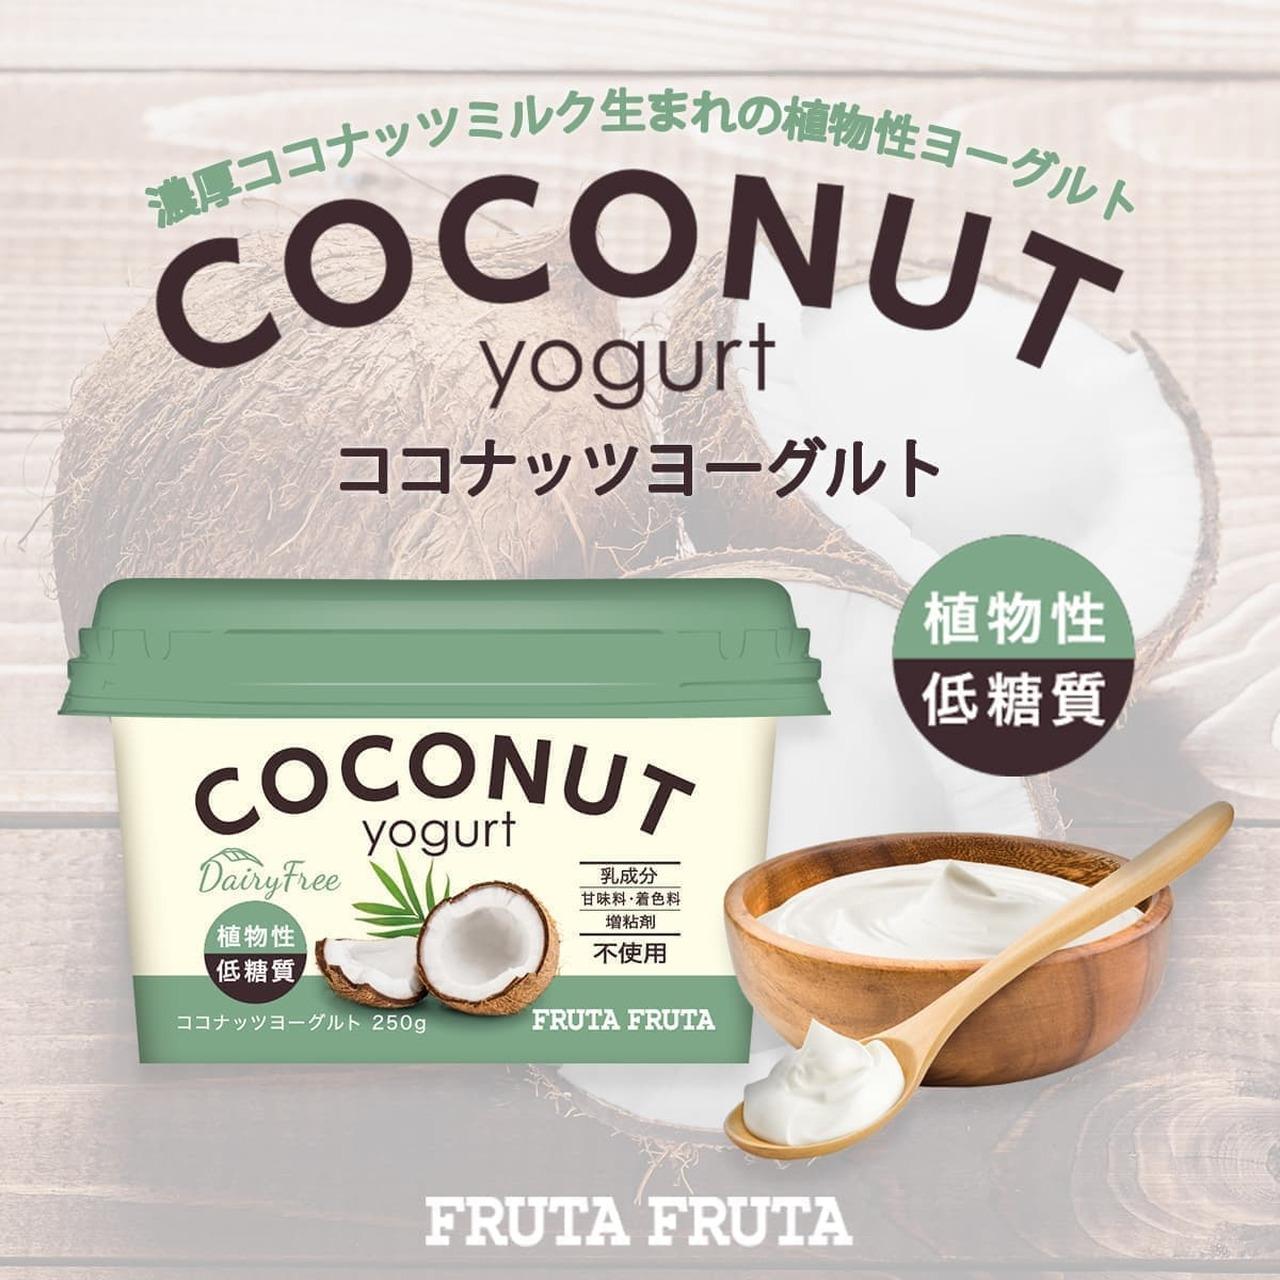 ココナッツミルクの植物性ヨーグルト「ココナッツヨーグルト」